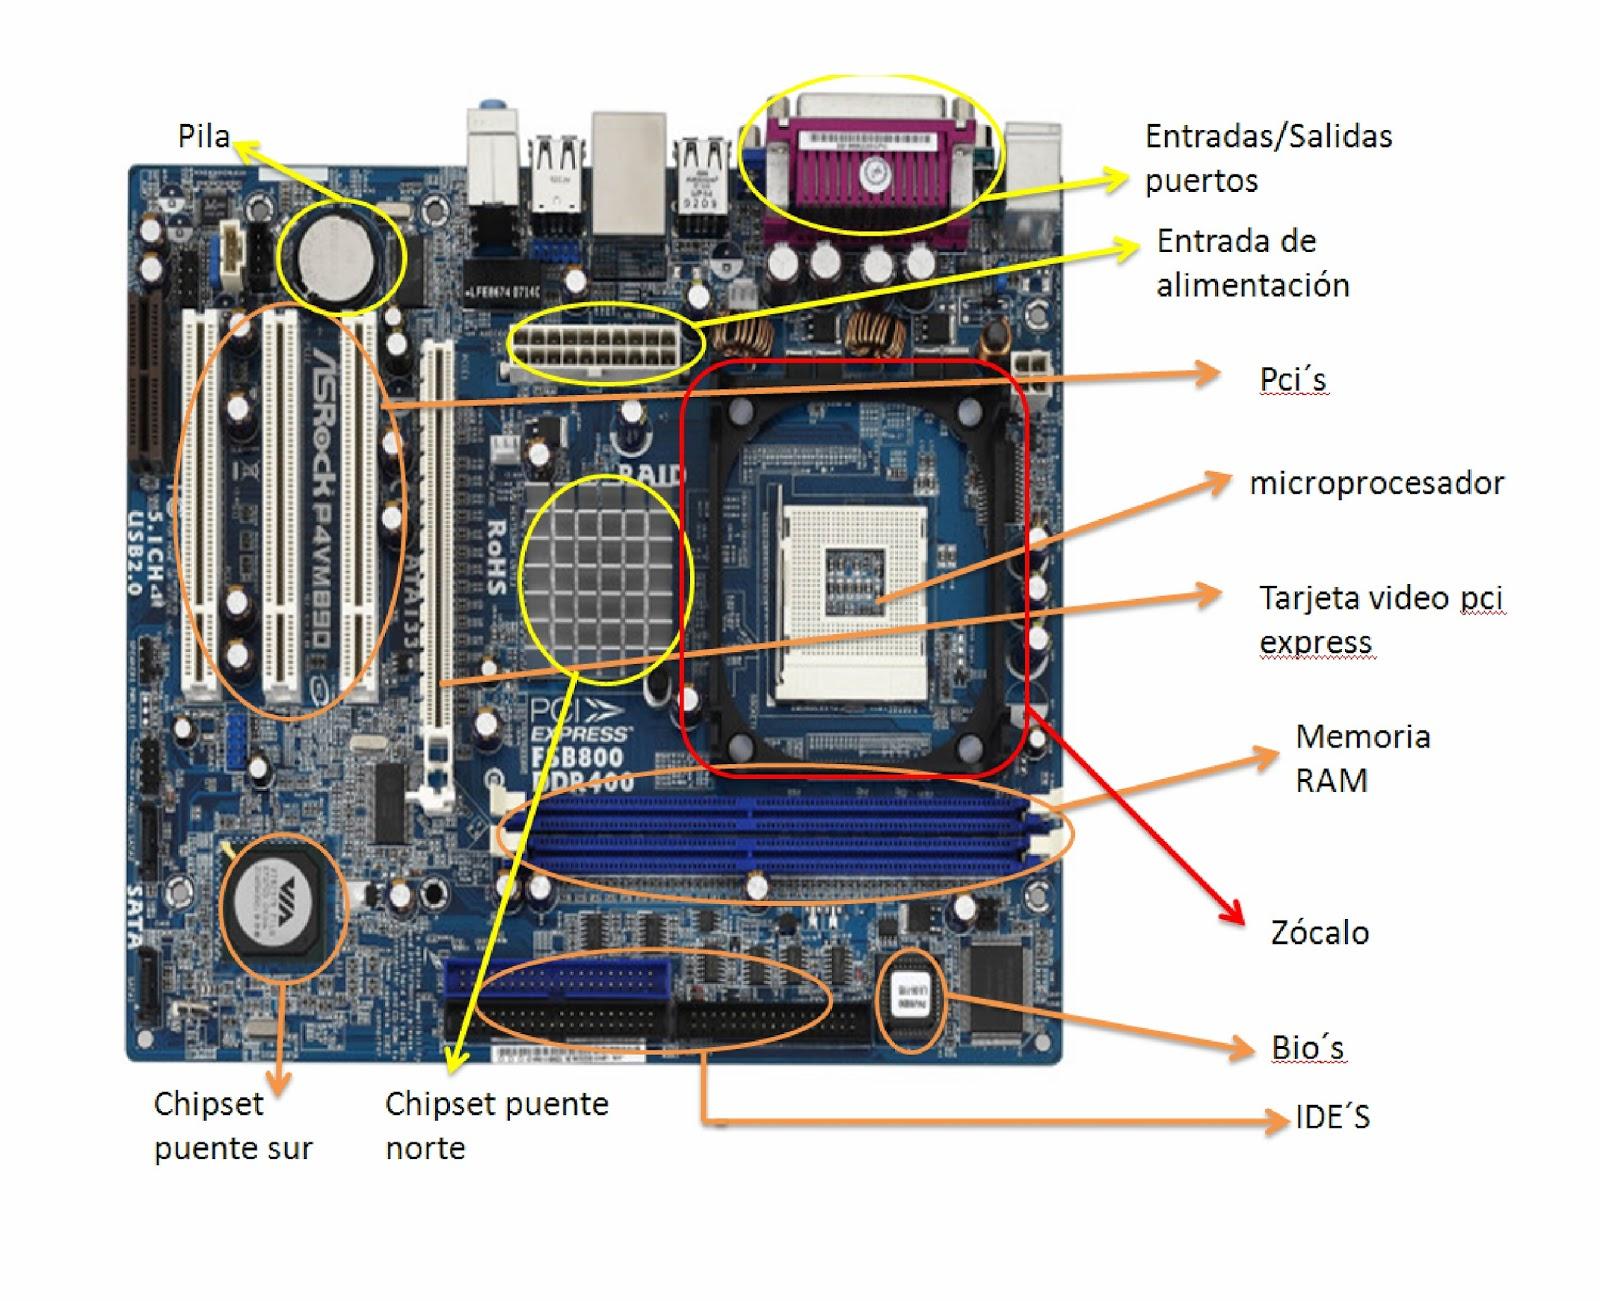 los componentes: